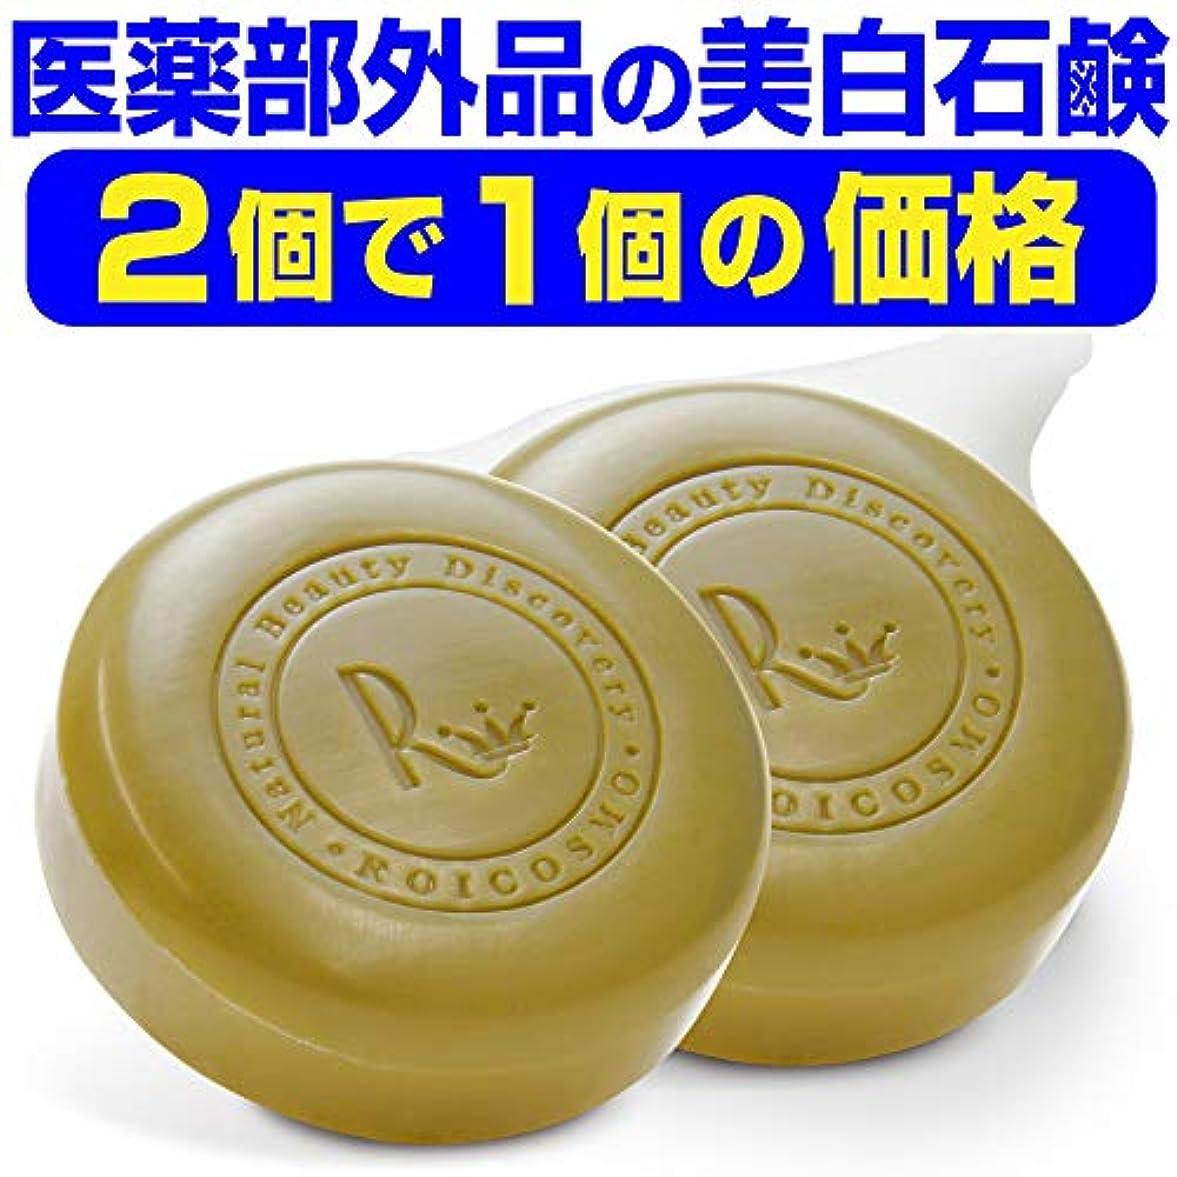 月曜配当プレゼン2個で1個の価格(実質50%OFF) ビタミンC270倍の美白成分配合『ホワイトソープ100g×2個で1個の価格』